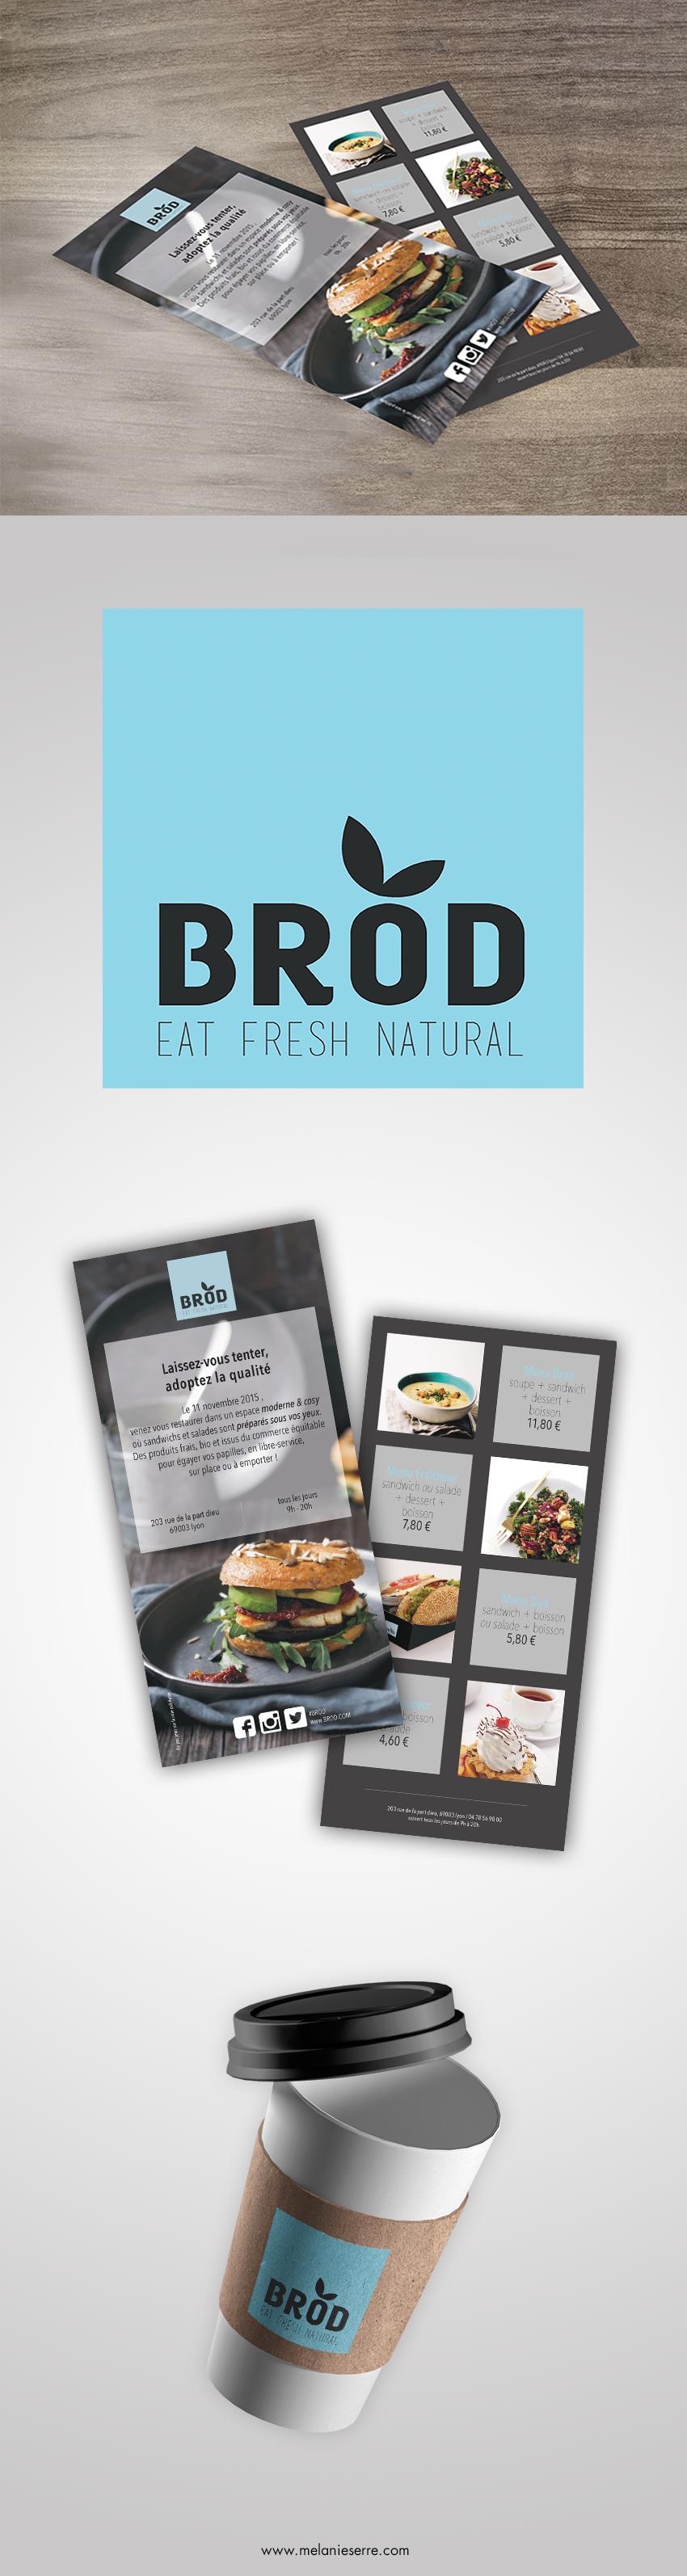 brod,restauration rapide,flyer,logo,menus,Melanie SERRE,wis